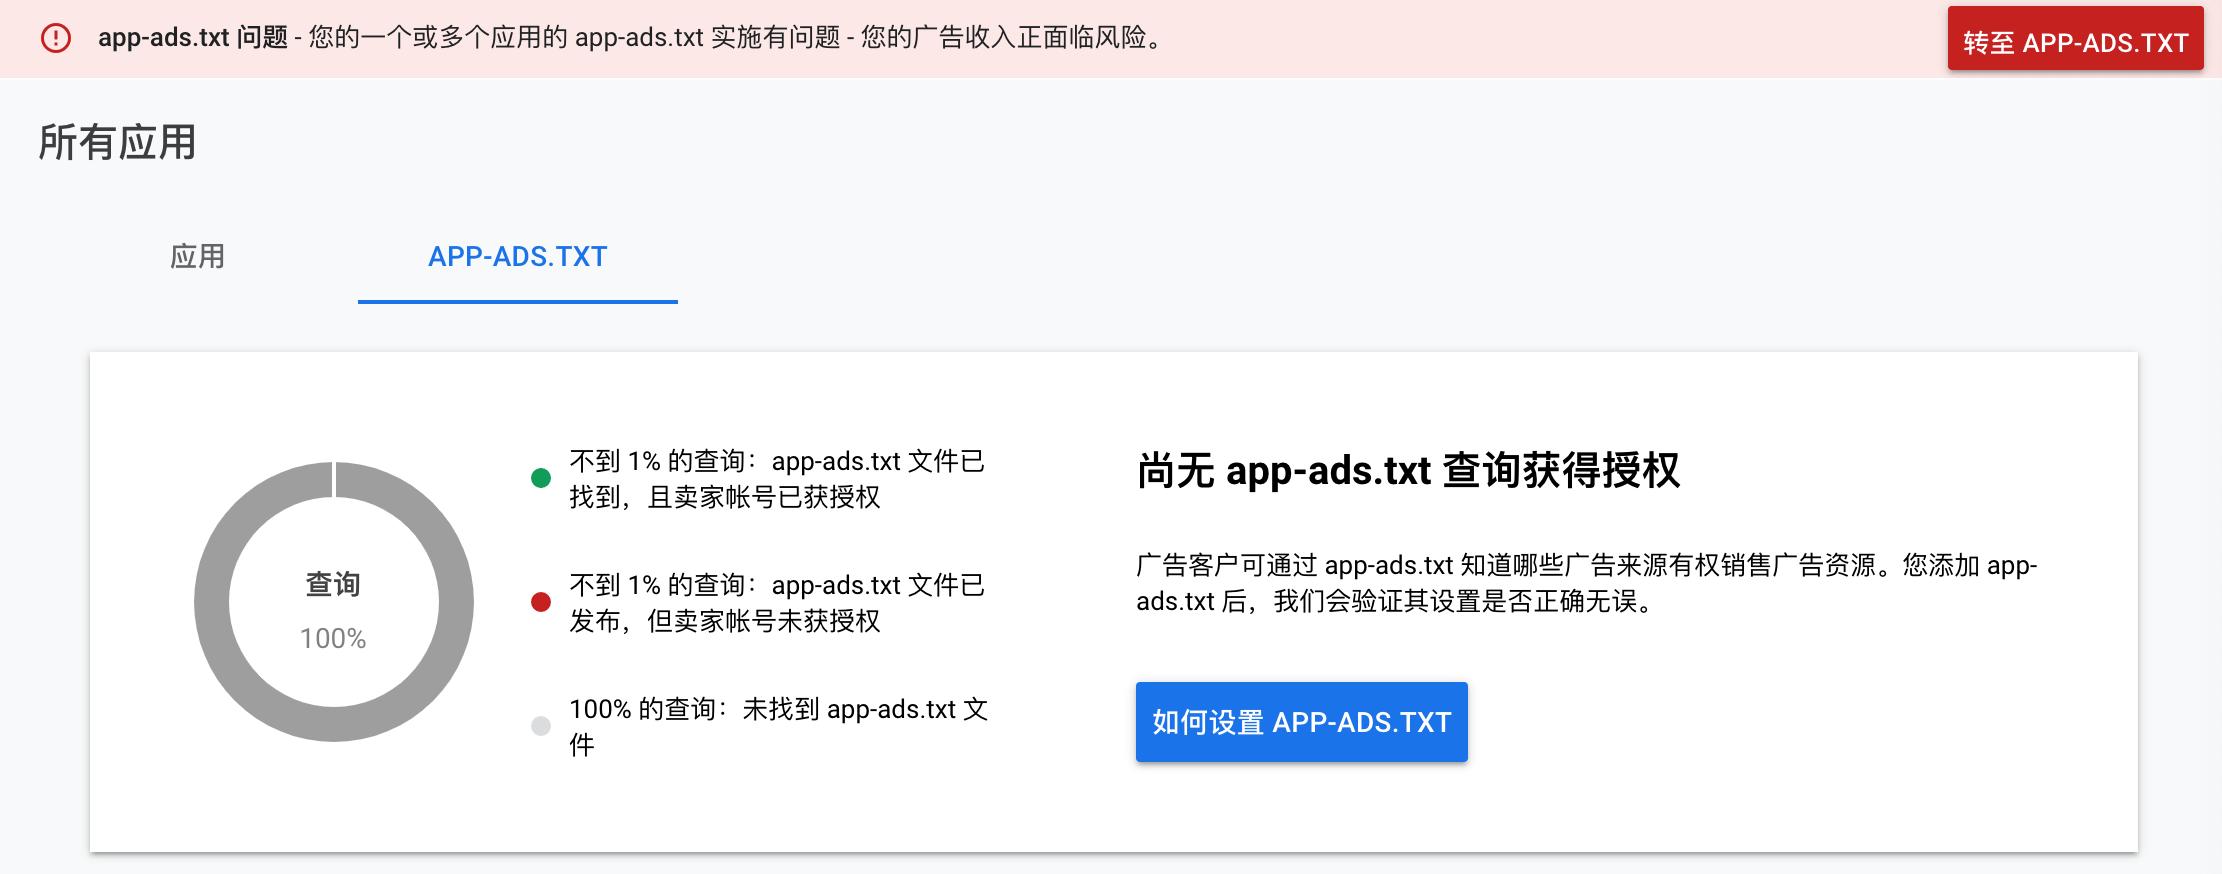 app-ads.txt 问题 您的一个或多个应用的 app-ads.txt 实施有问题